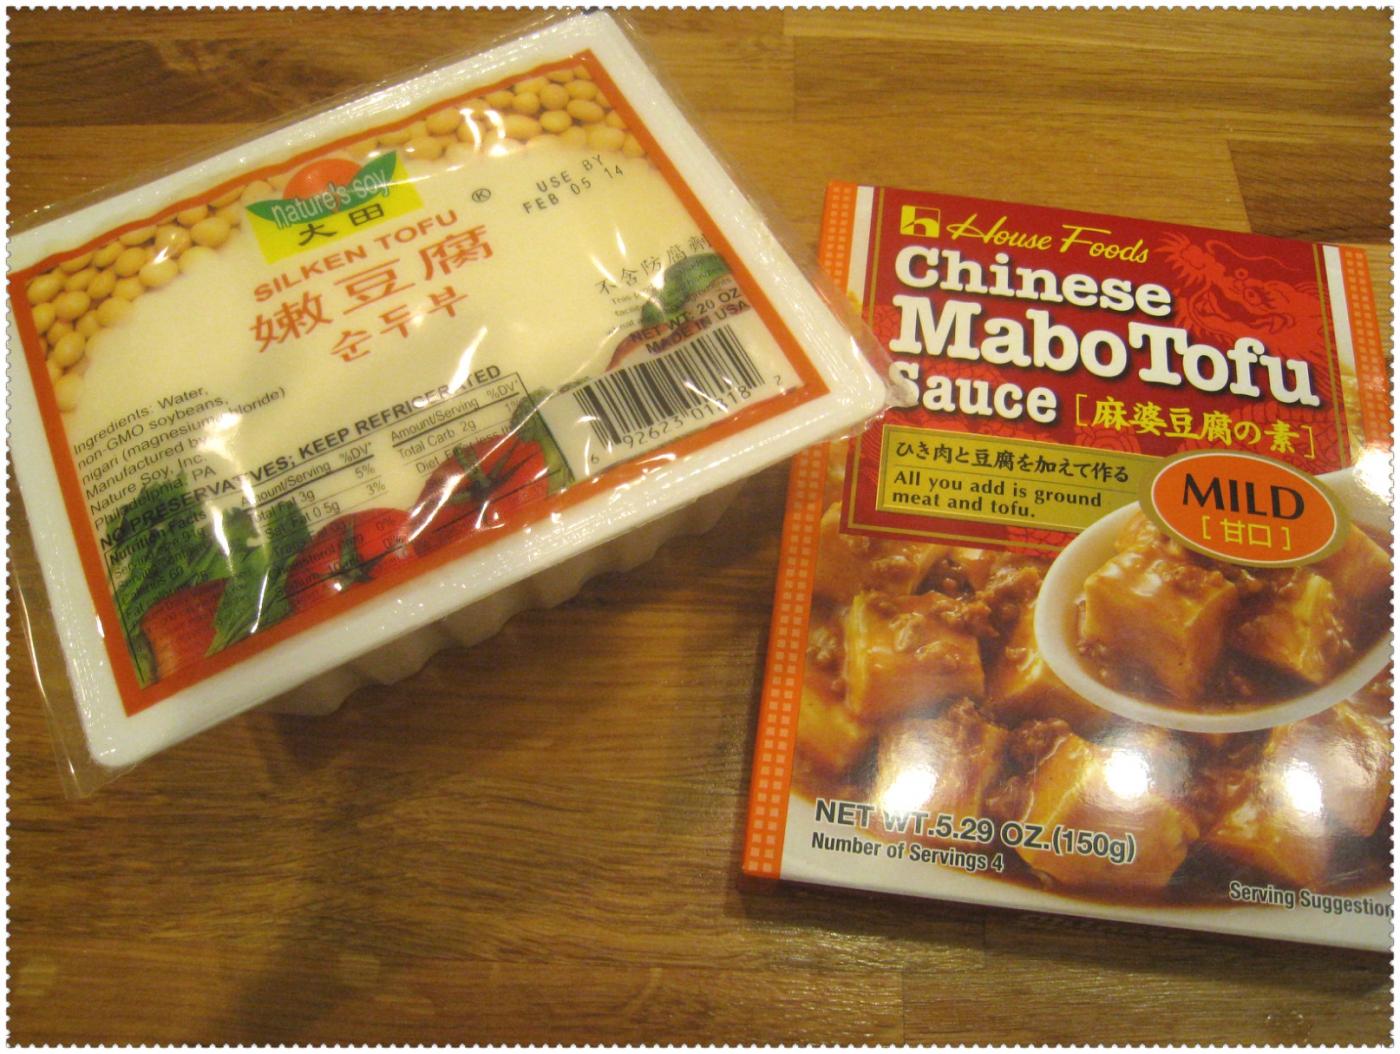 今晚吃什么?--蔬菜肉丸子汤,蔬菜炒鸡丁,傻瓜麻婆豆腐 ... ... ... ..._图1-6